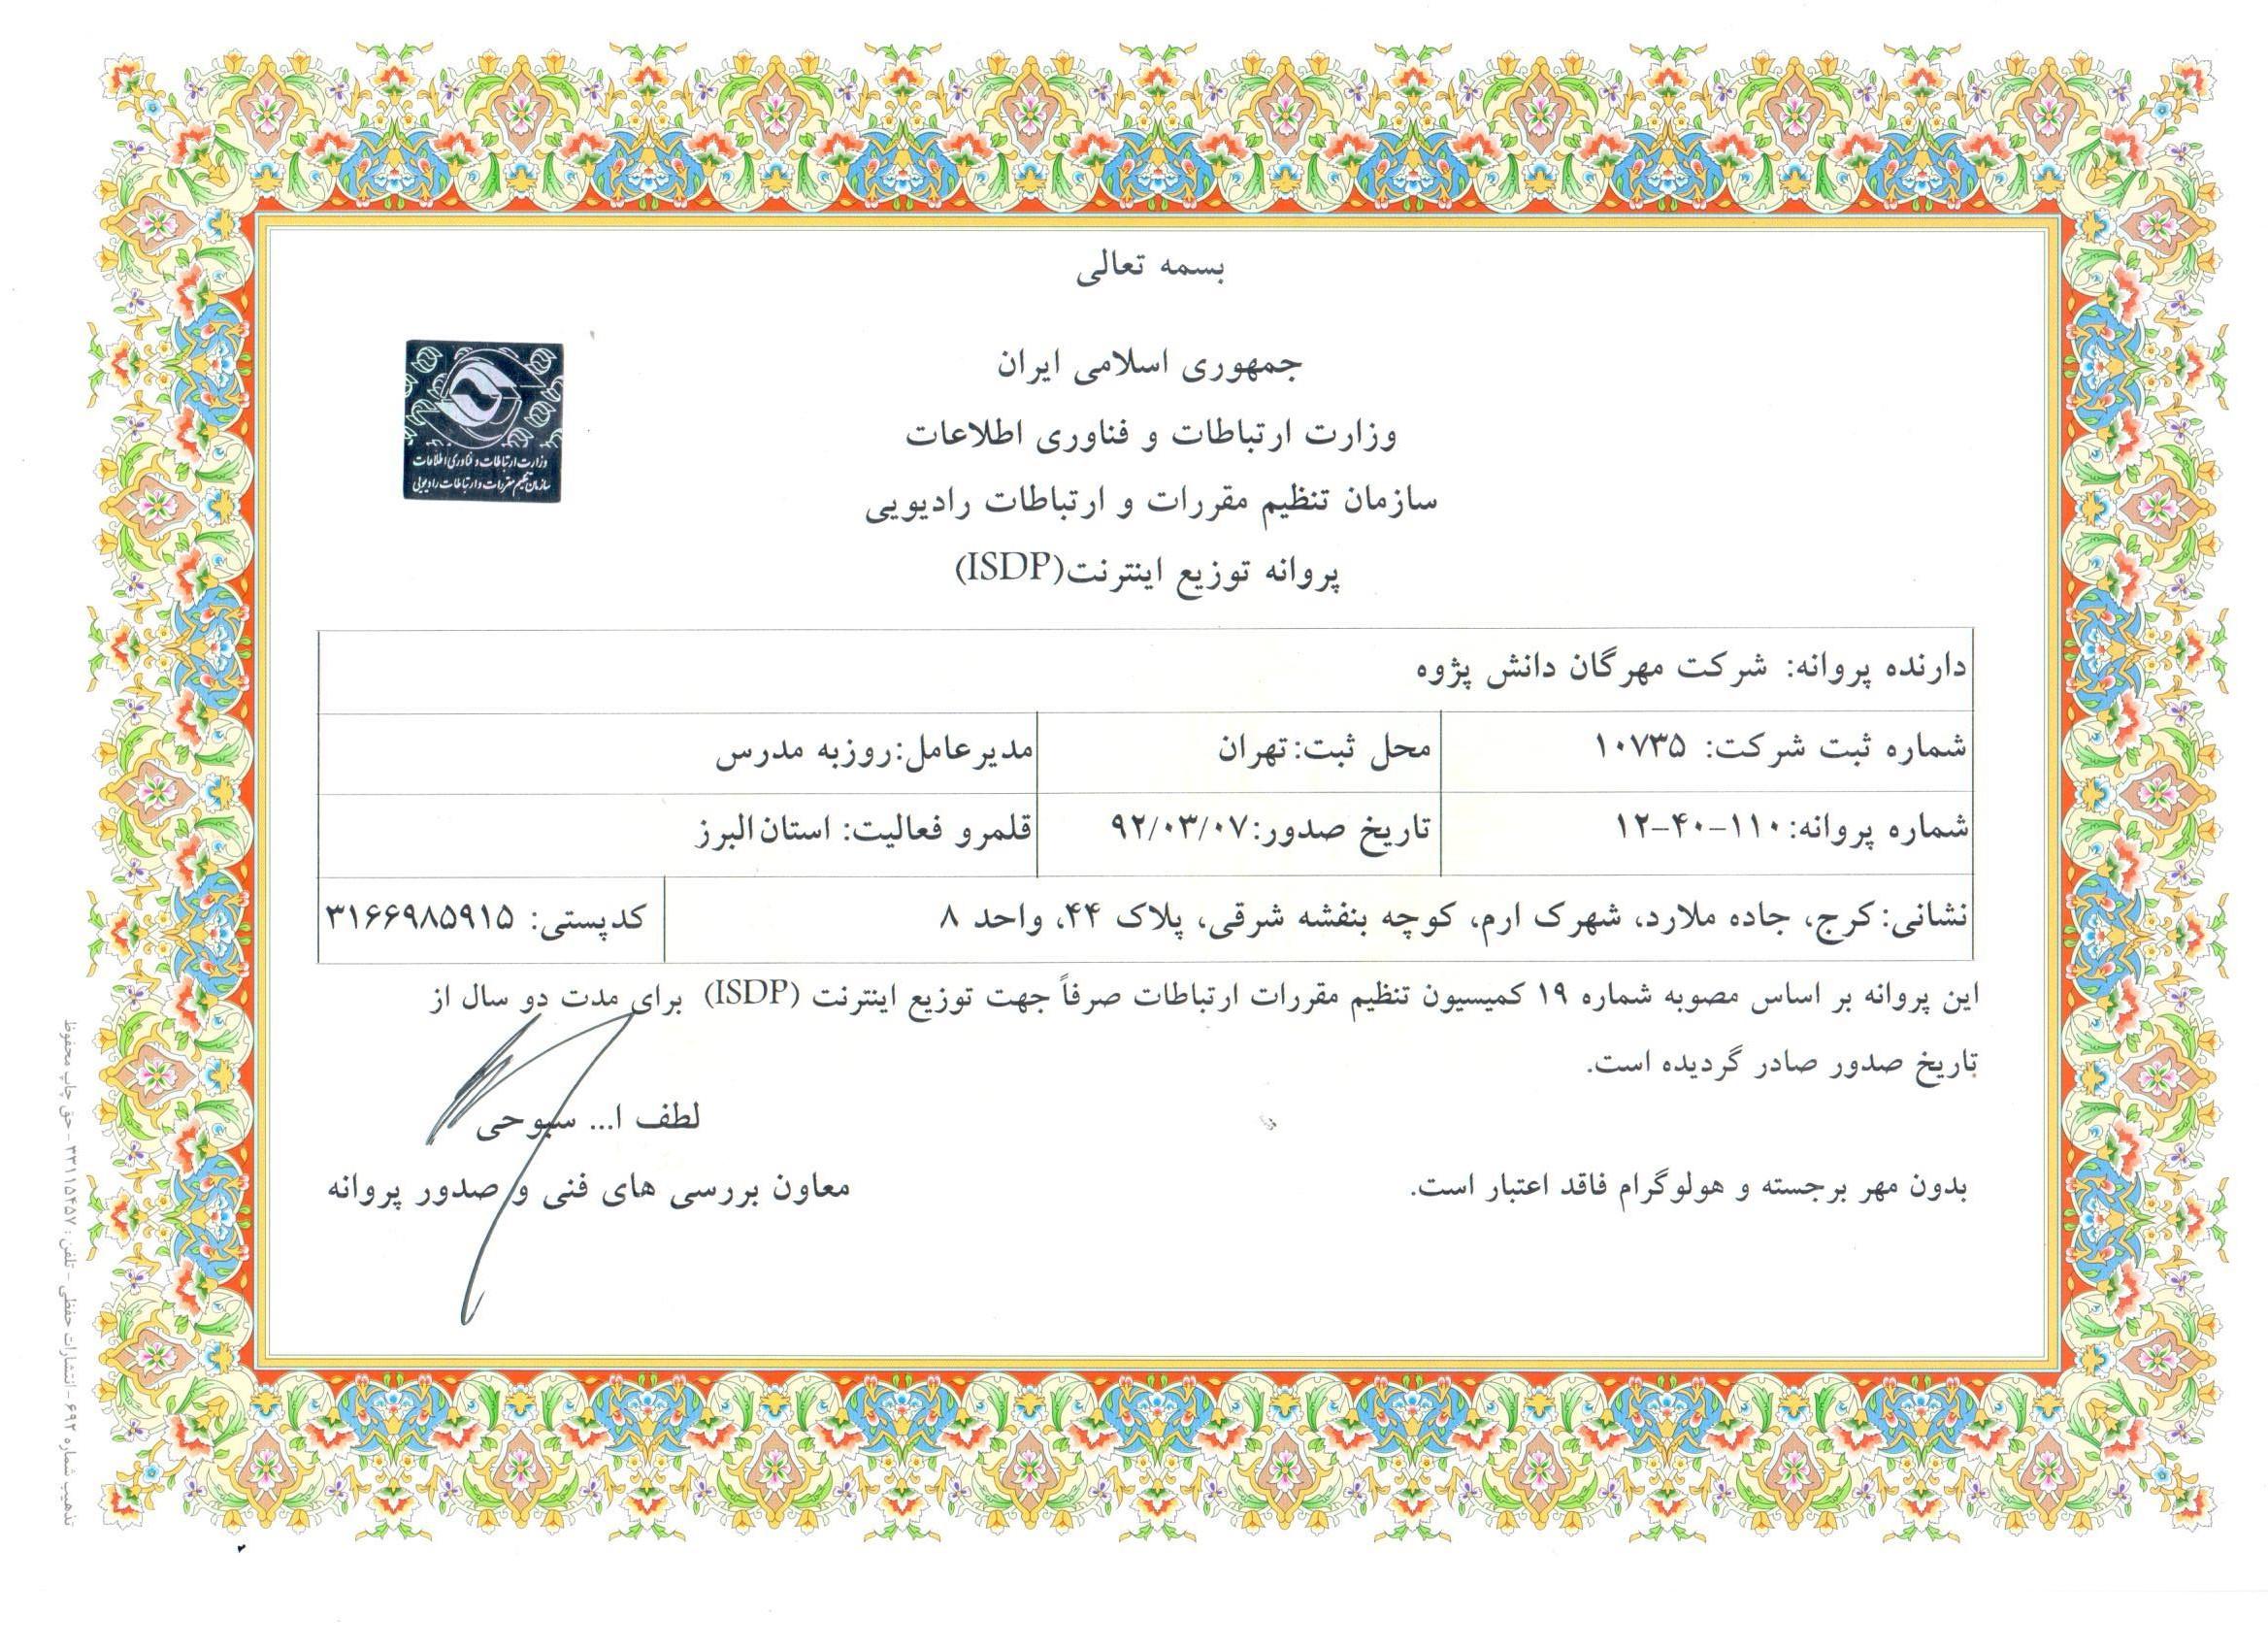 پروانه ISDP در استان البرز